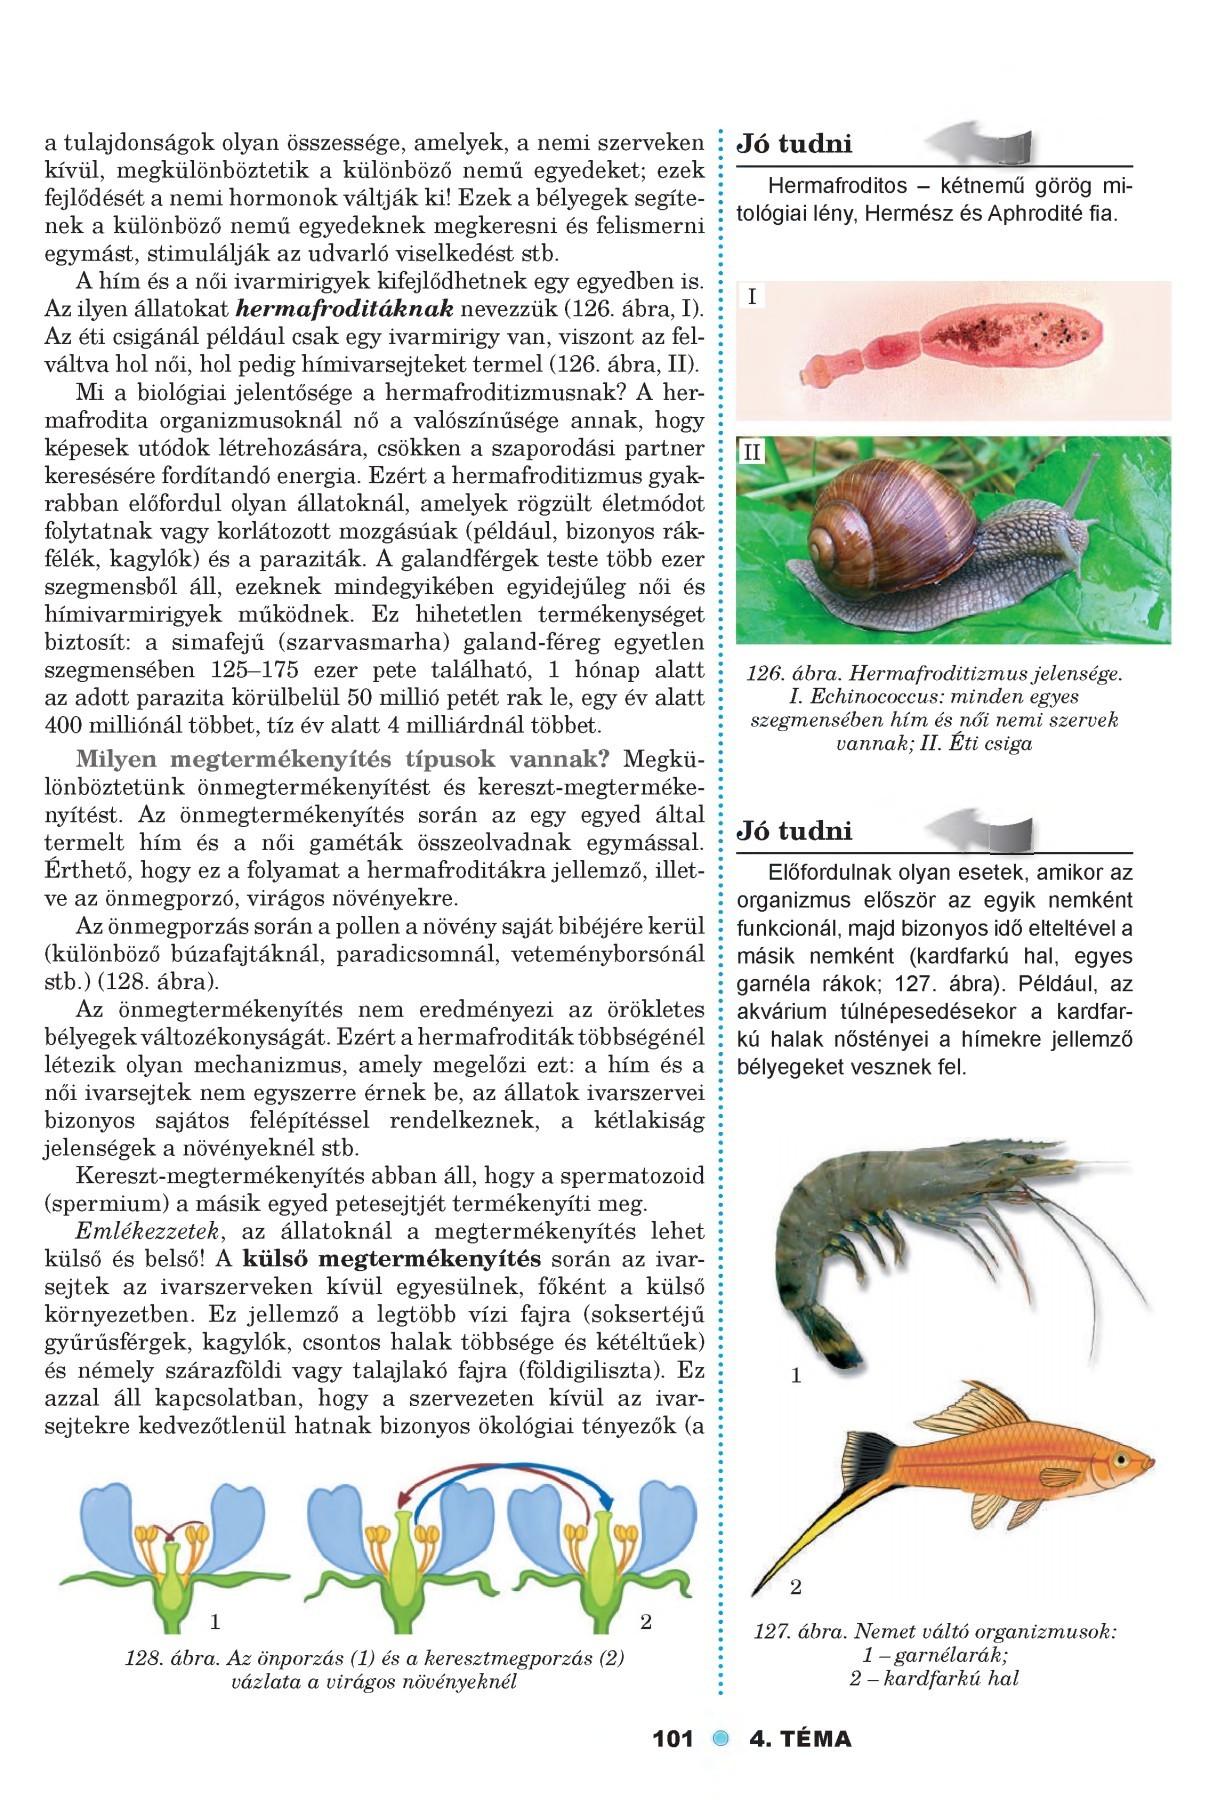 a parazitizmus osztályozása és a paraziták példái vermox tabletta adagolása